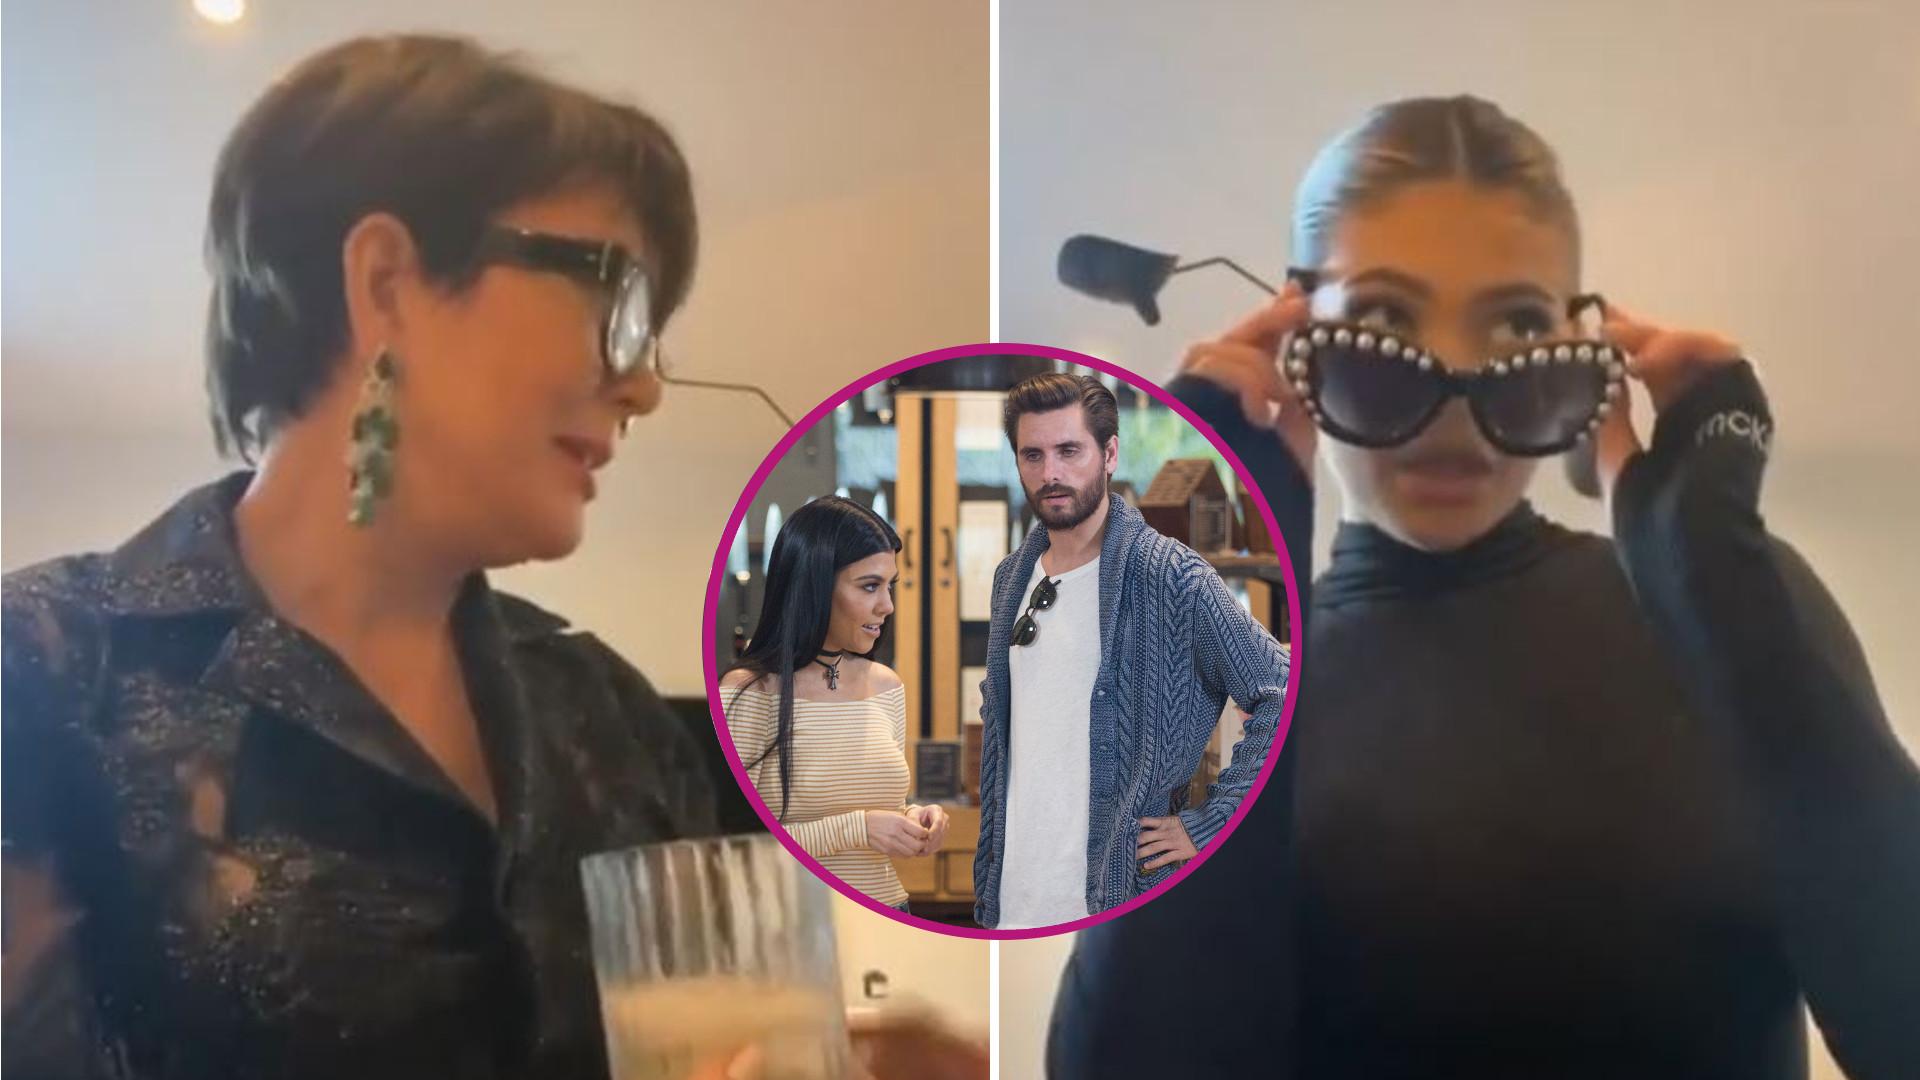 Kylie i Kris Jenner odtworzyły SŁYNNĄ kłótnię Kourtney Kardashian i Scotta Disicka